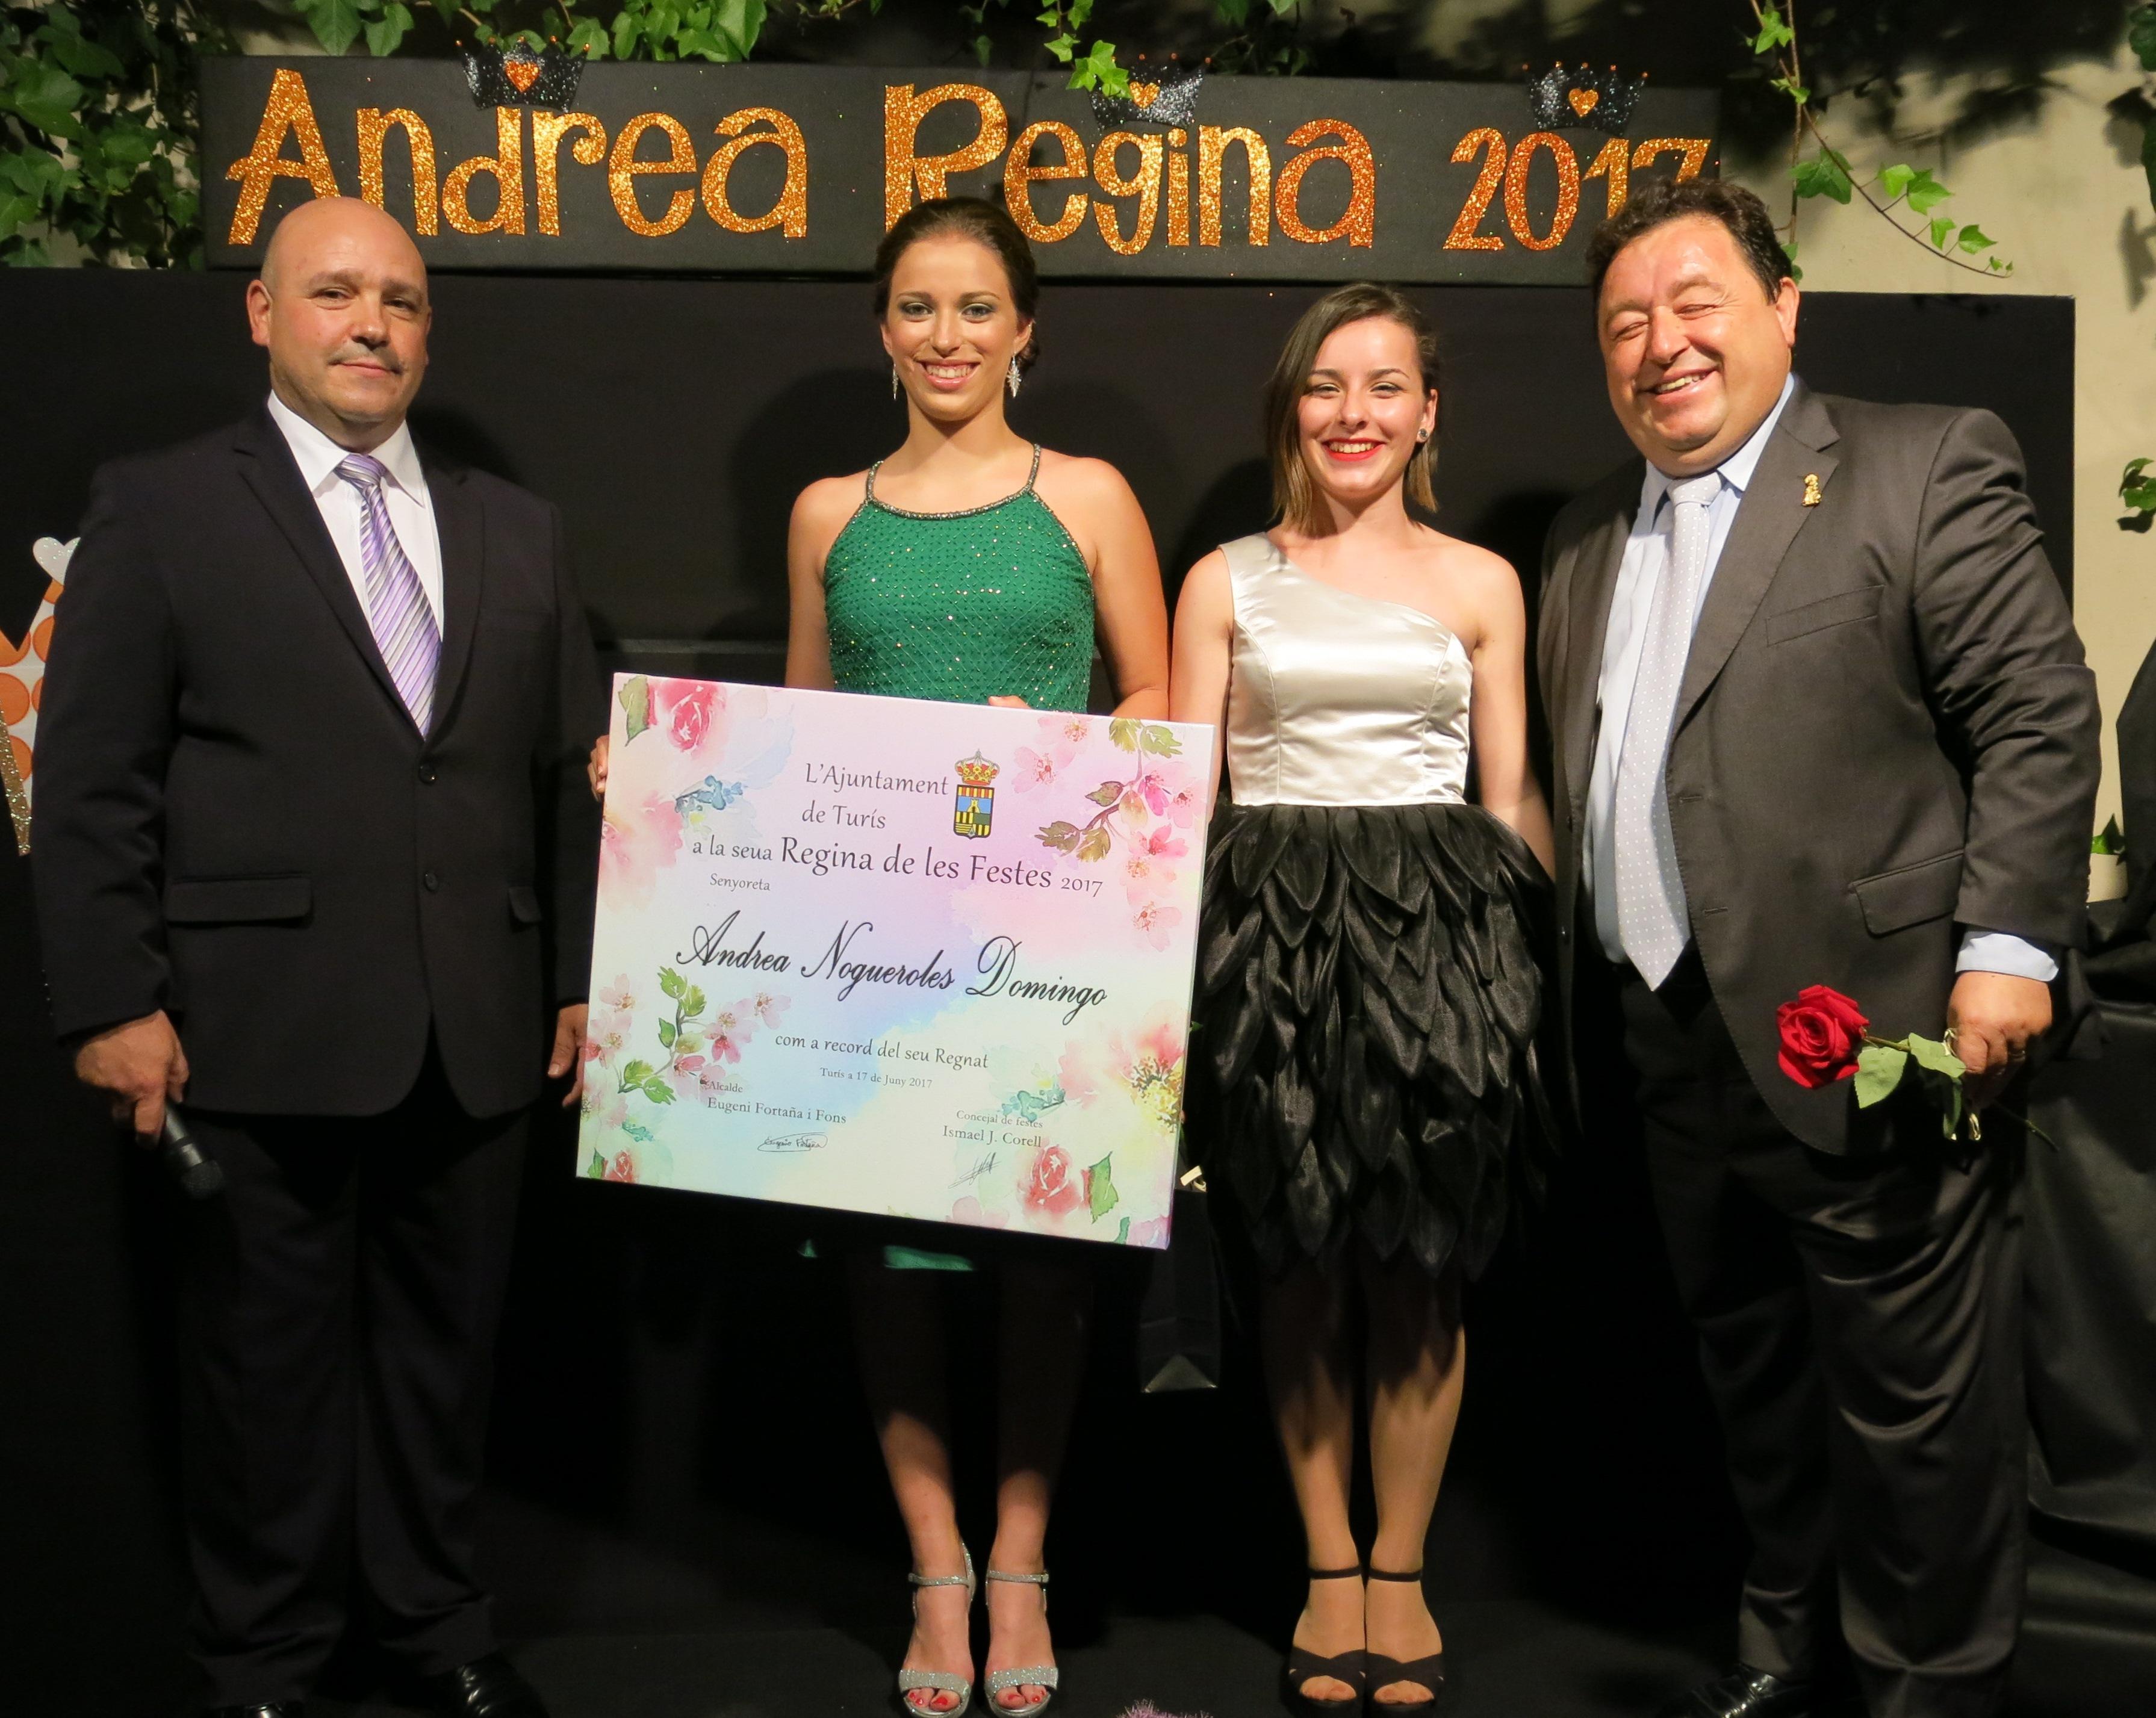 L'acte va comptar amb la presència de familiars i amics de la jove turisana que va estar acompanyada en tot moment per la seua Cort d'Honor, Andrea Crespo Ribes, Natalia Navarro Luján i Marta Martínez Pastor.